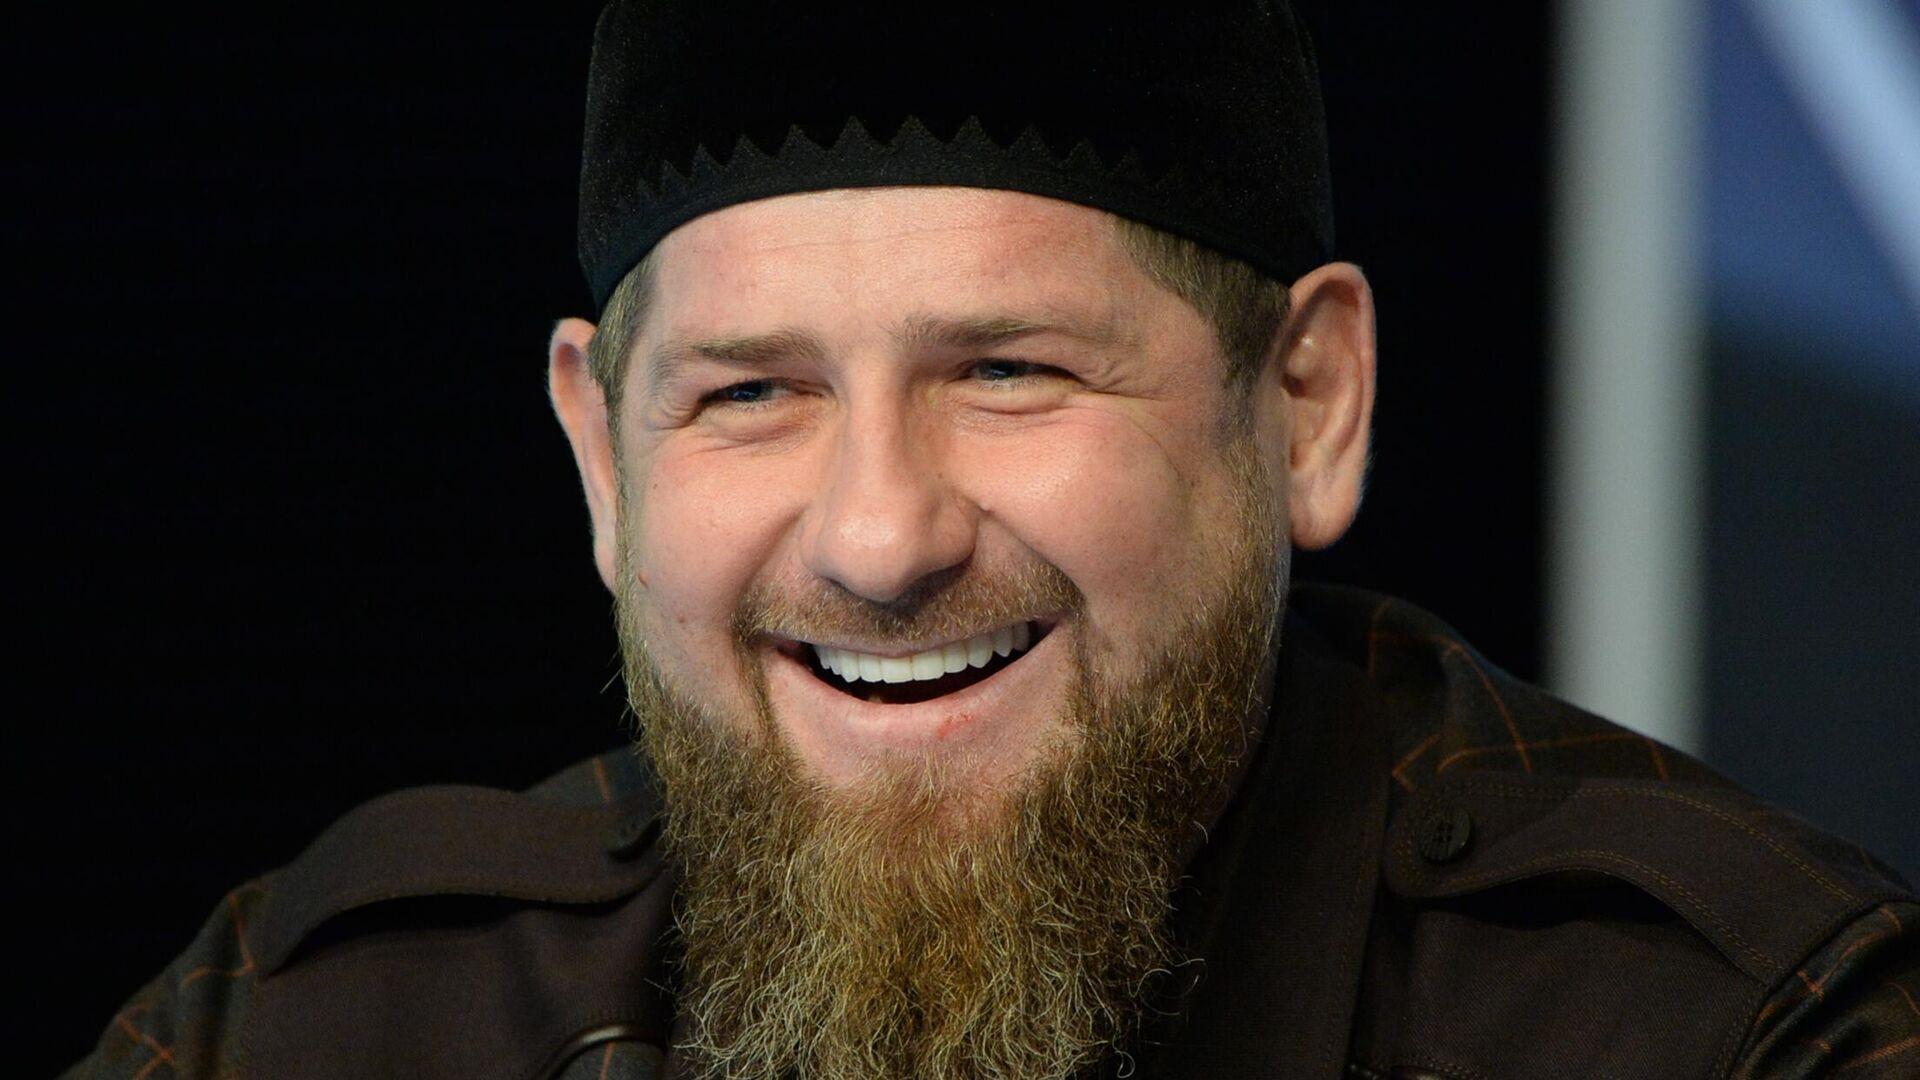 Глава Чеченской Республики Рамзан Кадыров на пресс-конференции в студии телеканала Грозный - РИА Новости, 1920, 31.07.2020